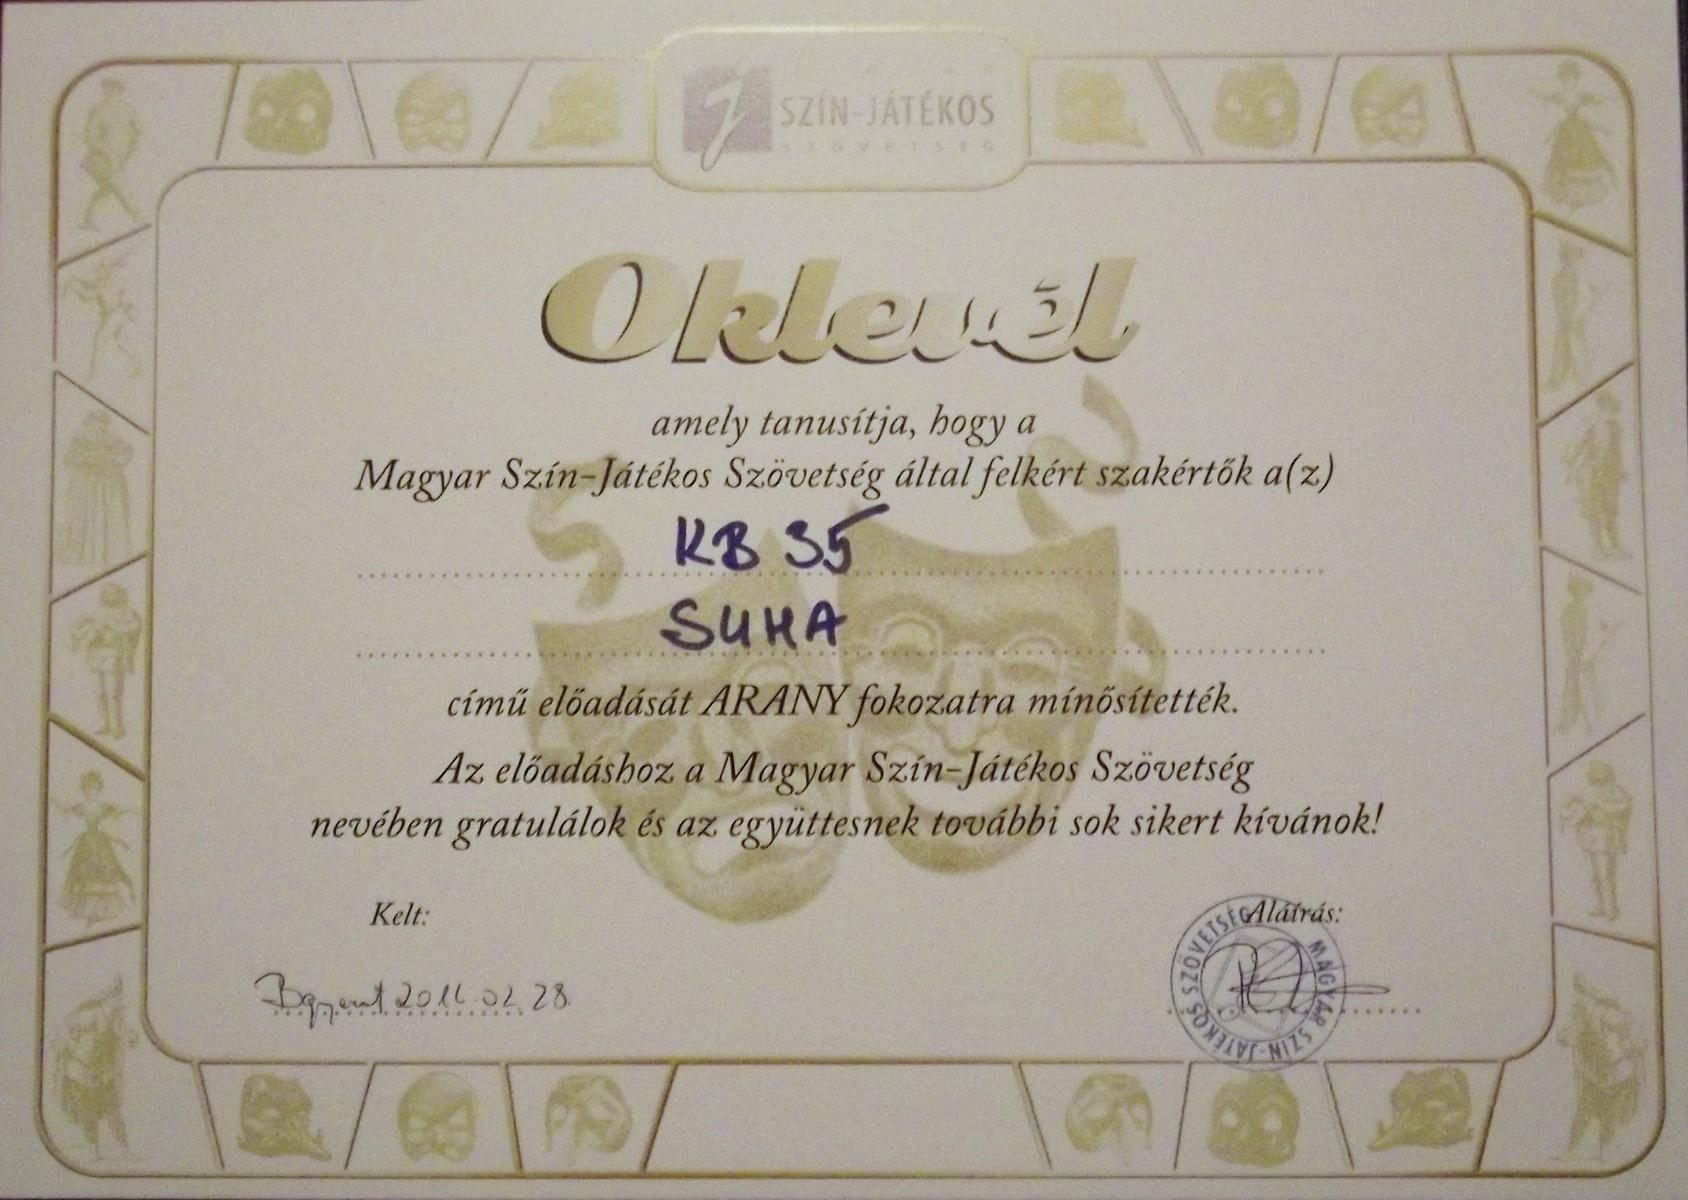 Oklevél, amely tanúsítja, hogy a Magyar Szín-Játékos Szövetség által felkért szakértők a Kb35 Suha című előadását ARANY fokozatra minősítették